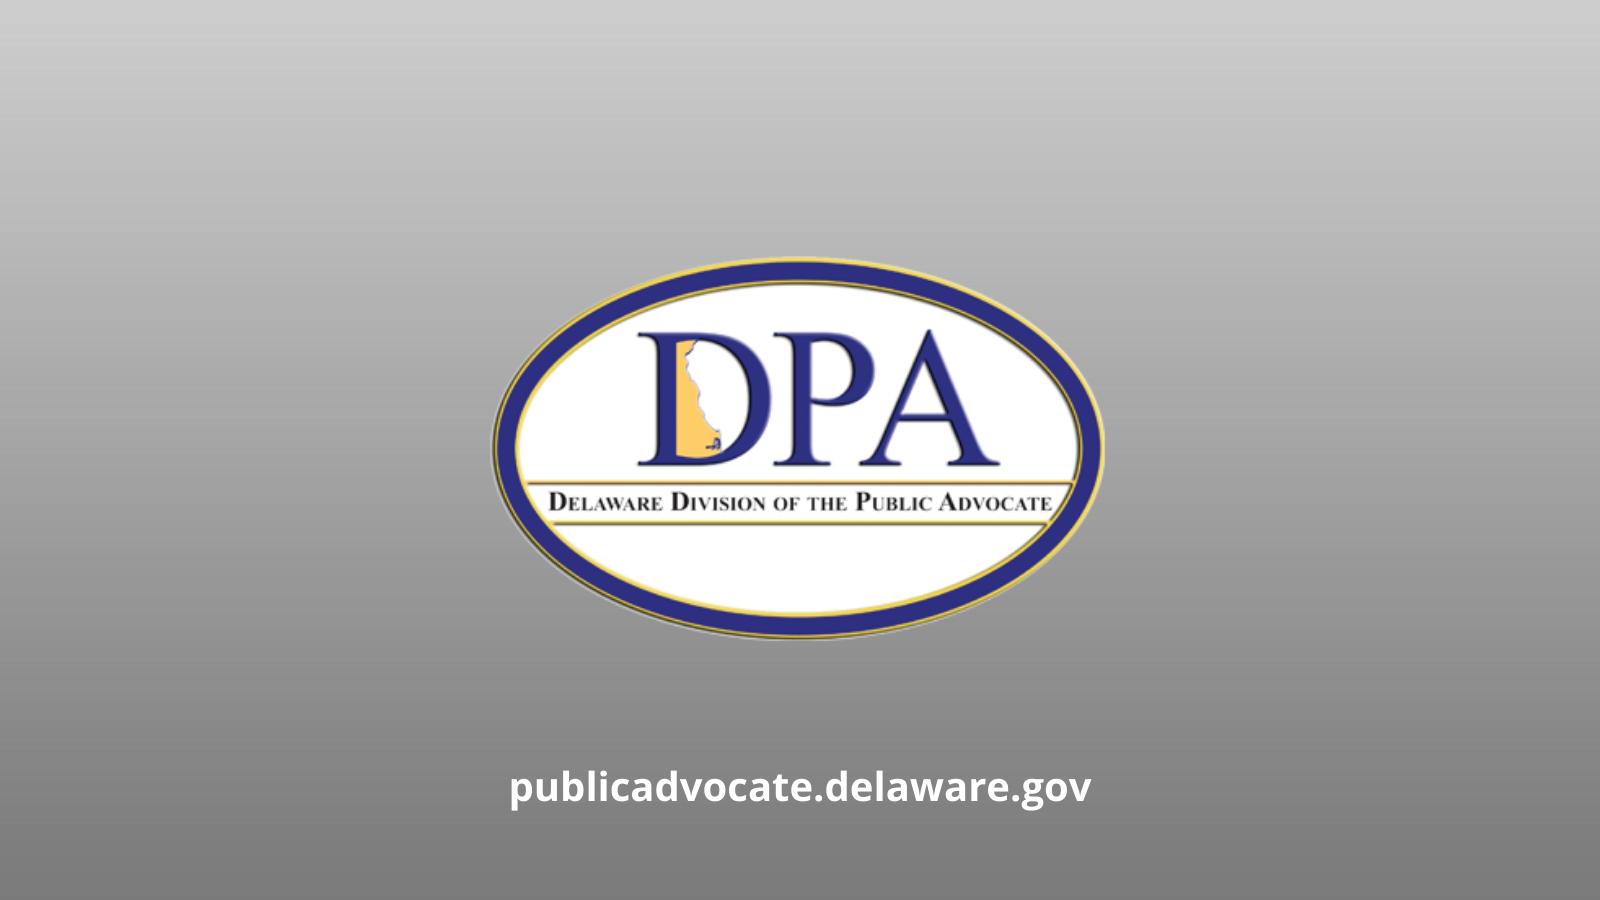 Delaware Division of the Public Advocate Logo